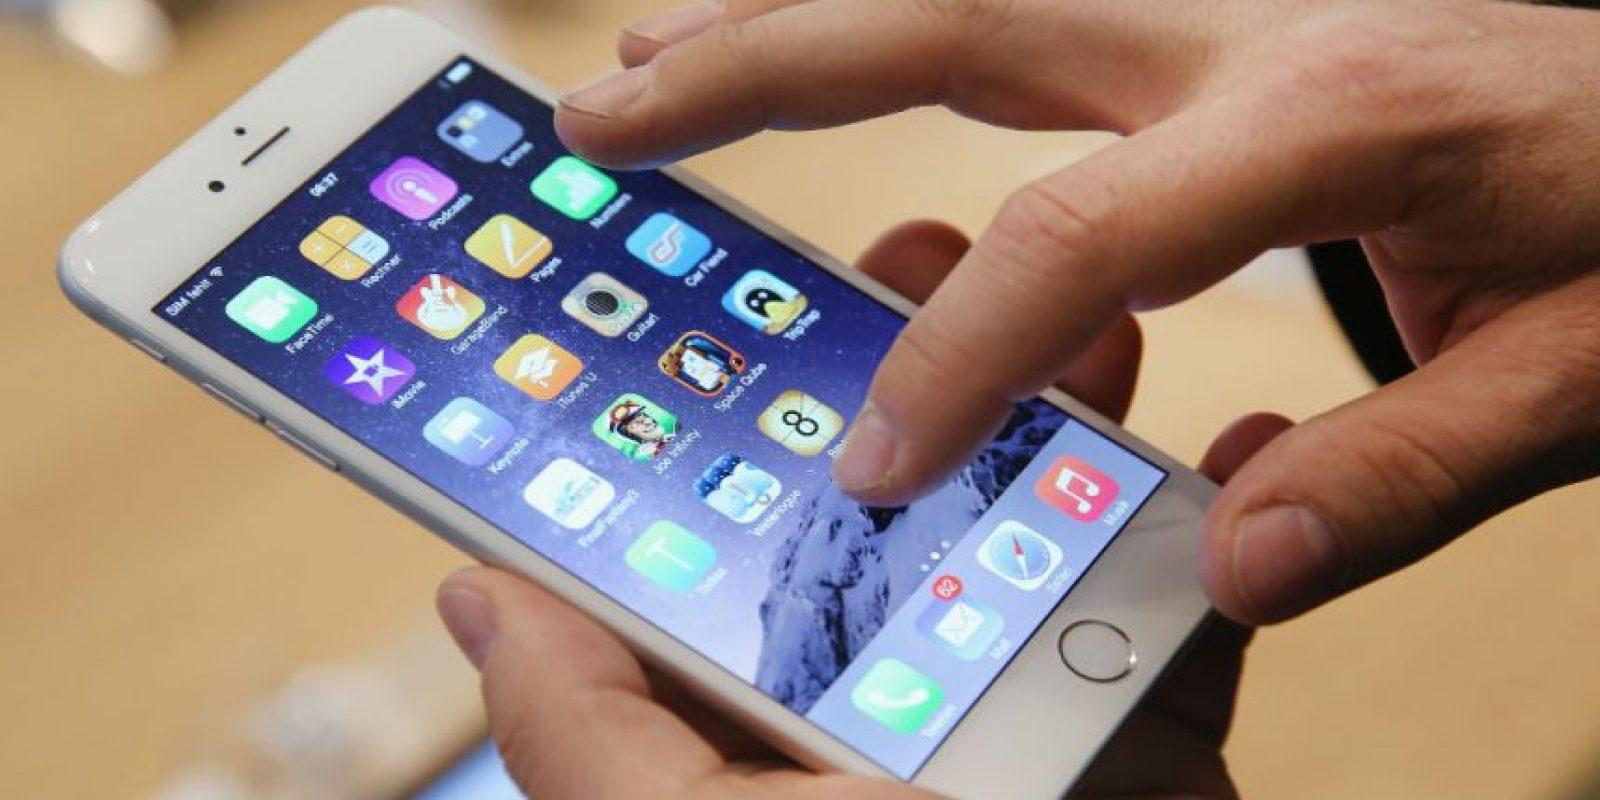 Apple se negó, pues esto crearía un mal precedente. Foto:Getty Images